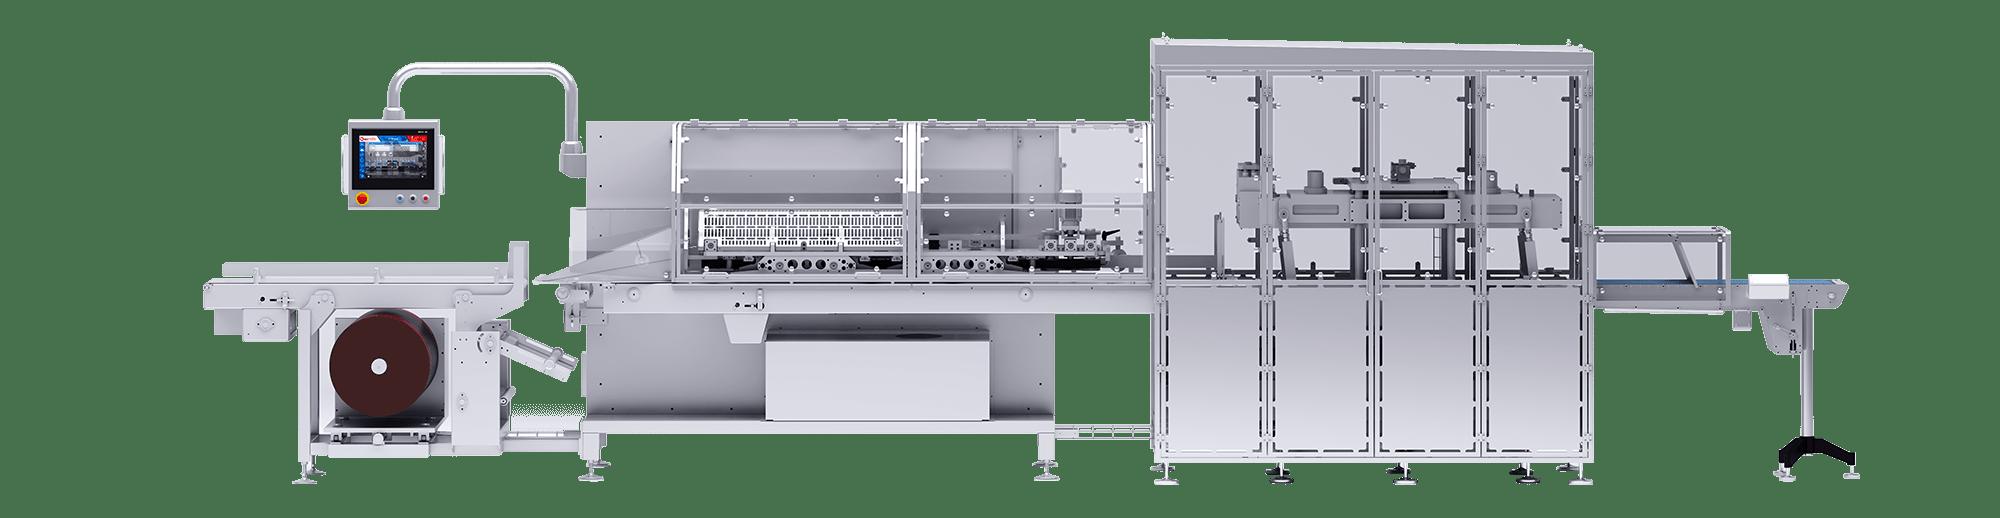 Sottovuoto automatica Omega 800 - Colimatic sottovuoto automatiche industriali